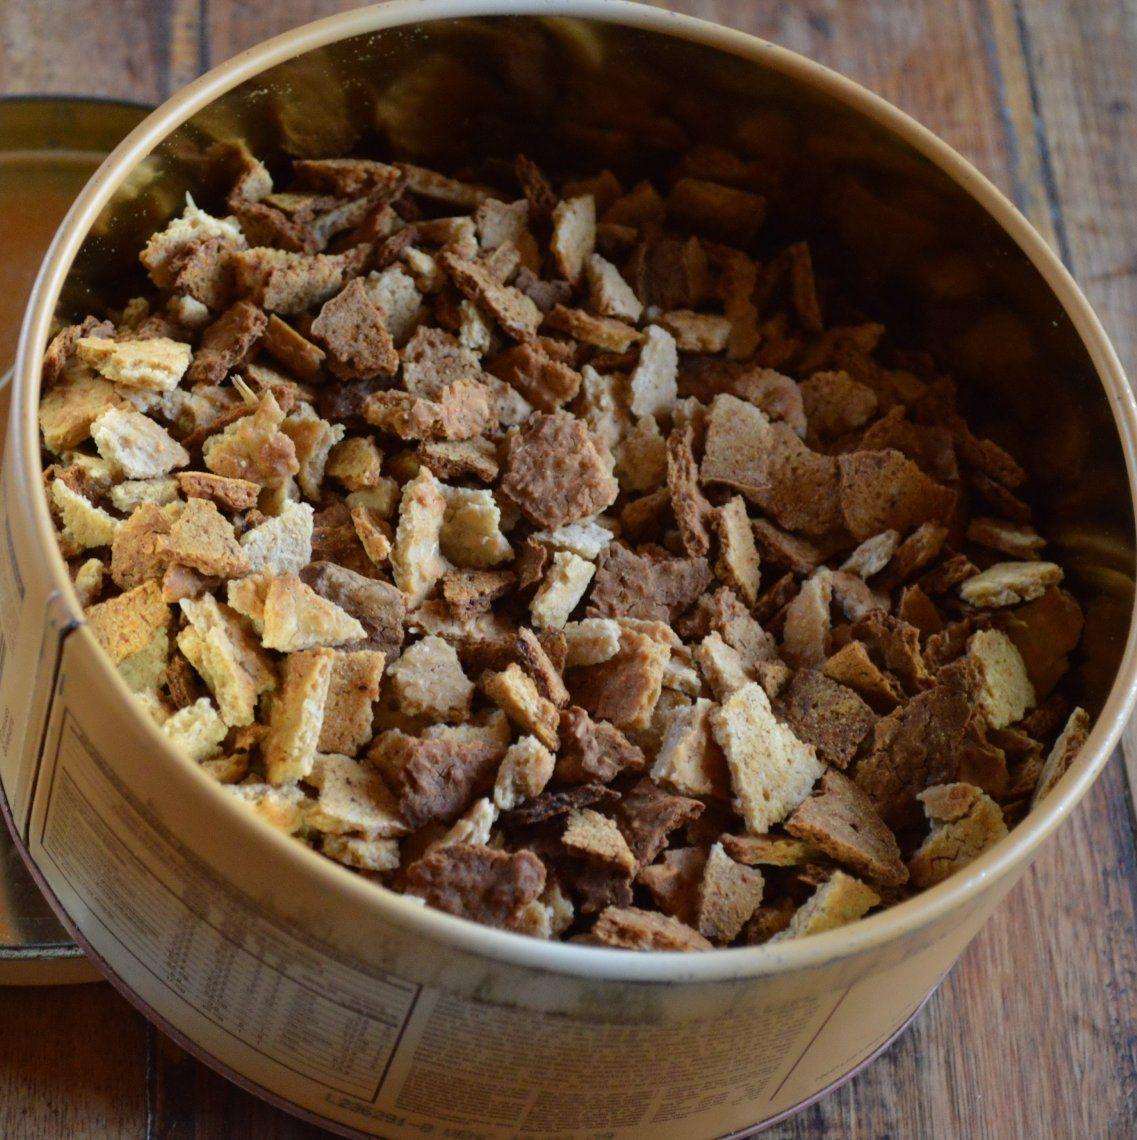 La avena es una alternativa rica y saludable a los copos de maíz industriales y con aditivos.